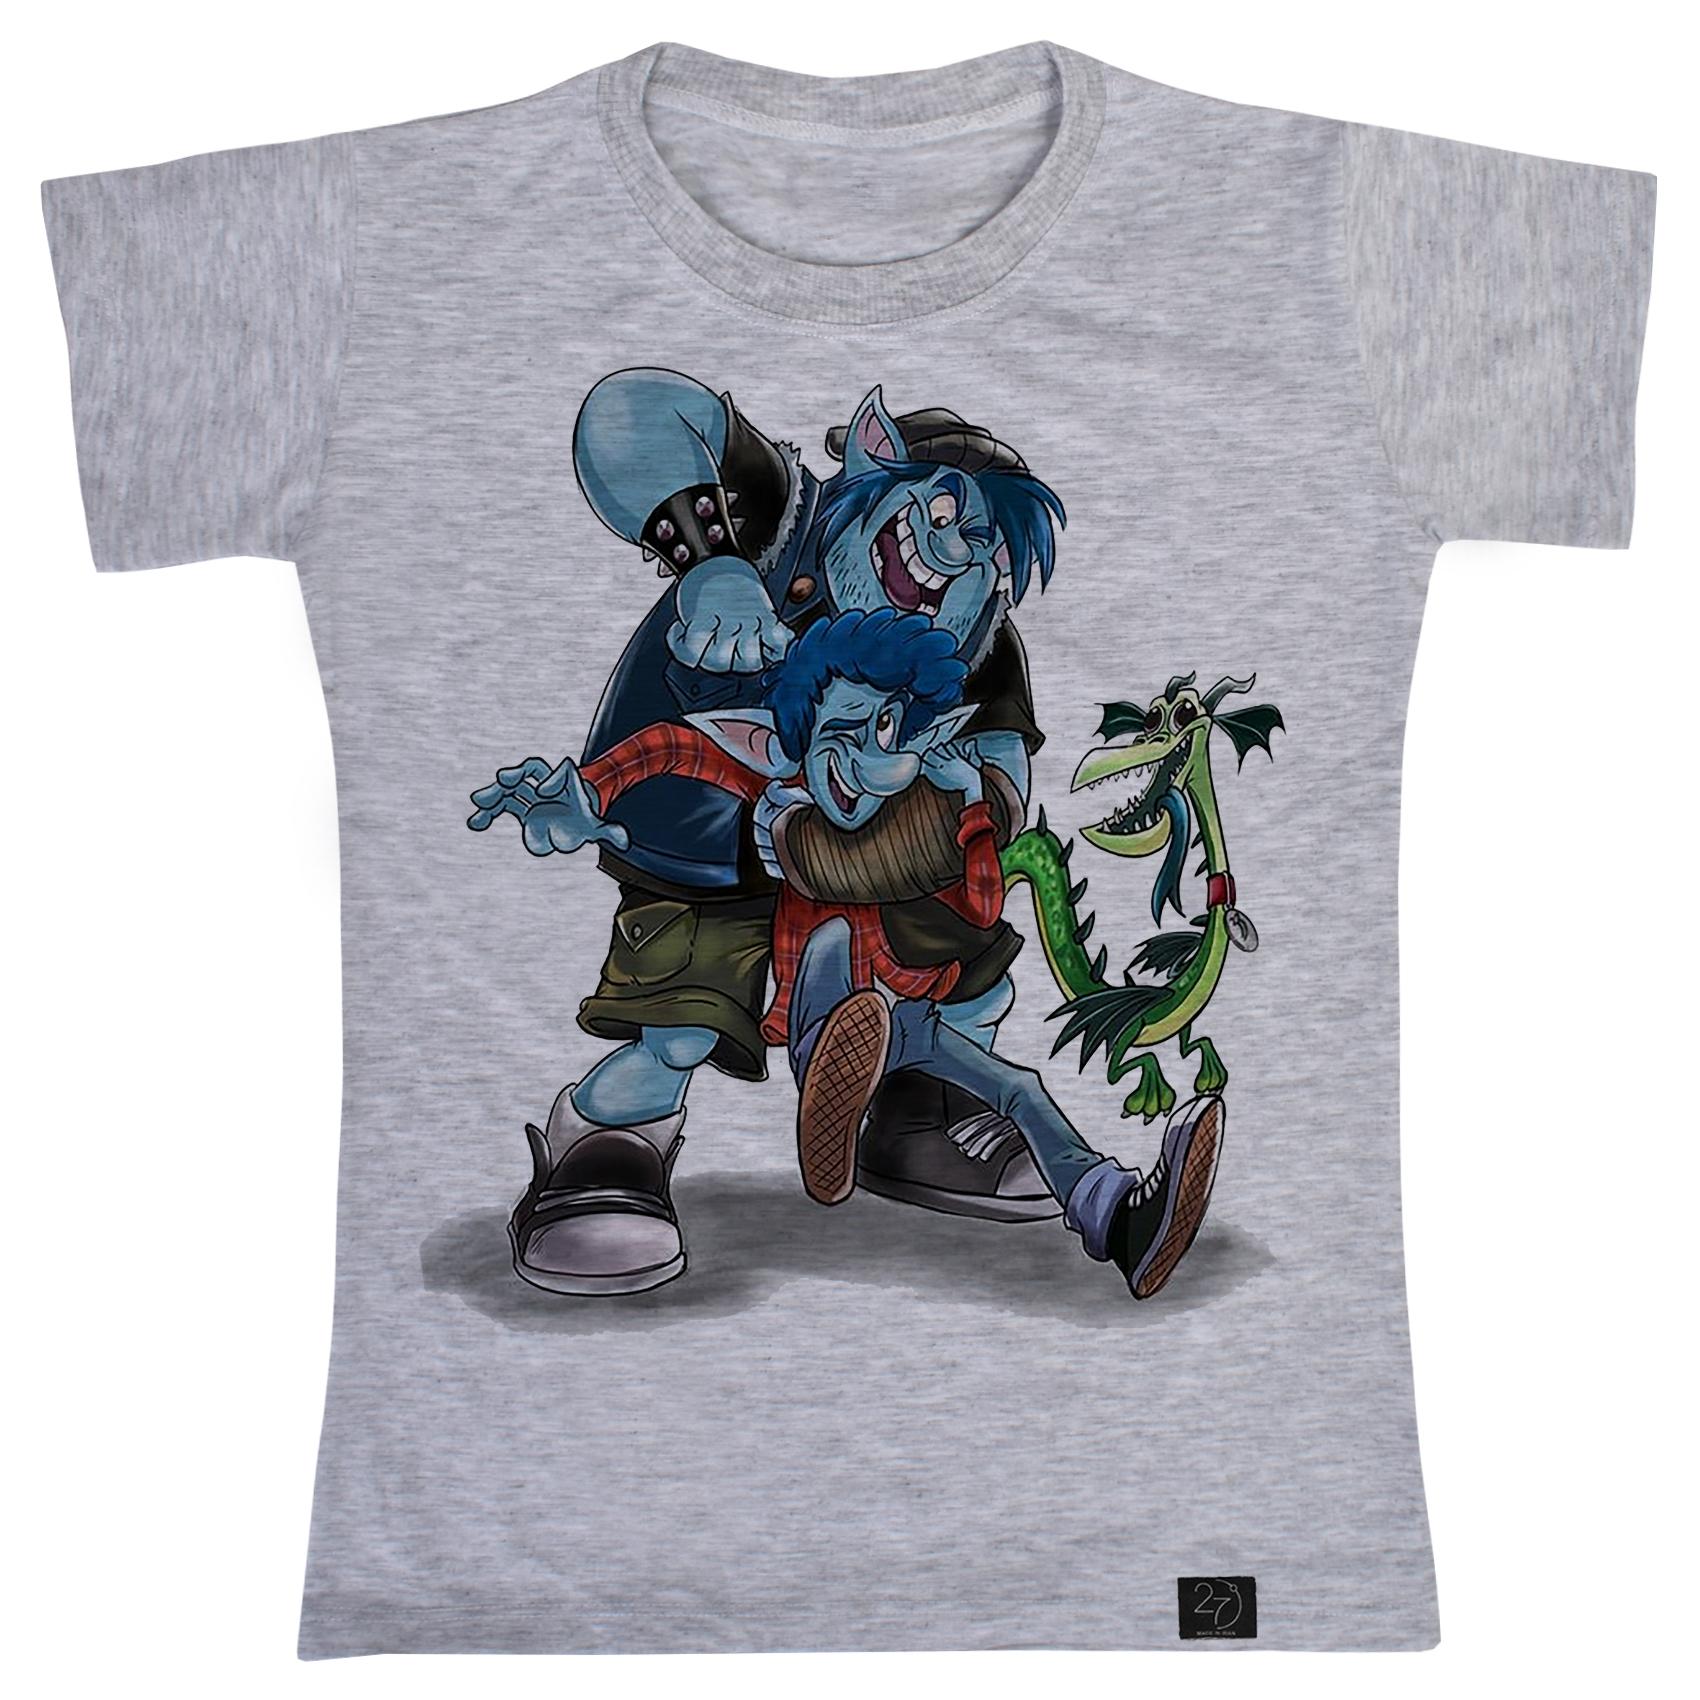 تی شرت پسرانه 27 طرح Onward کد B18